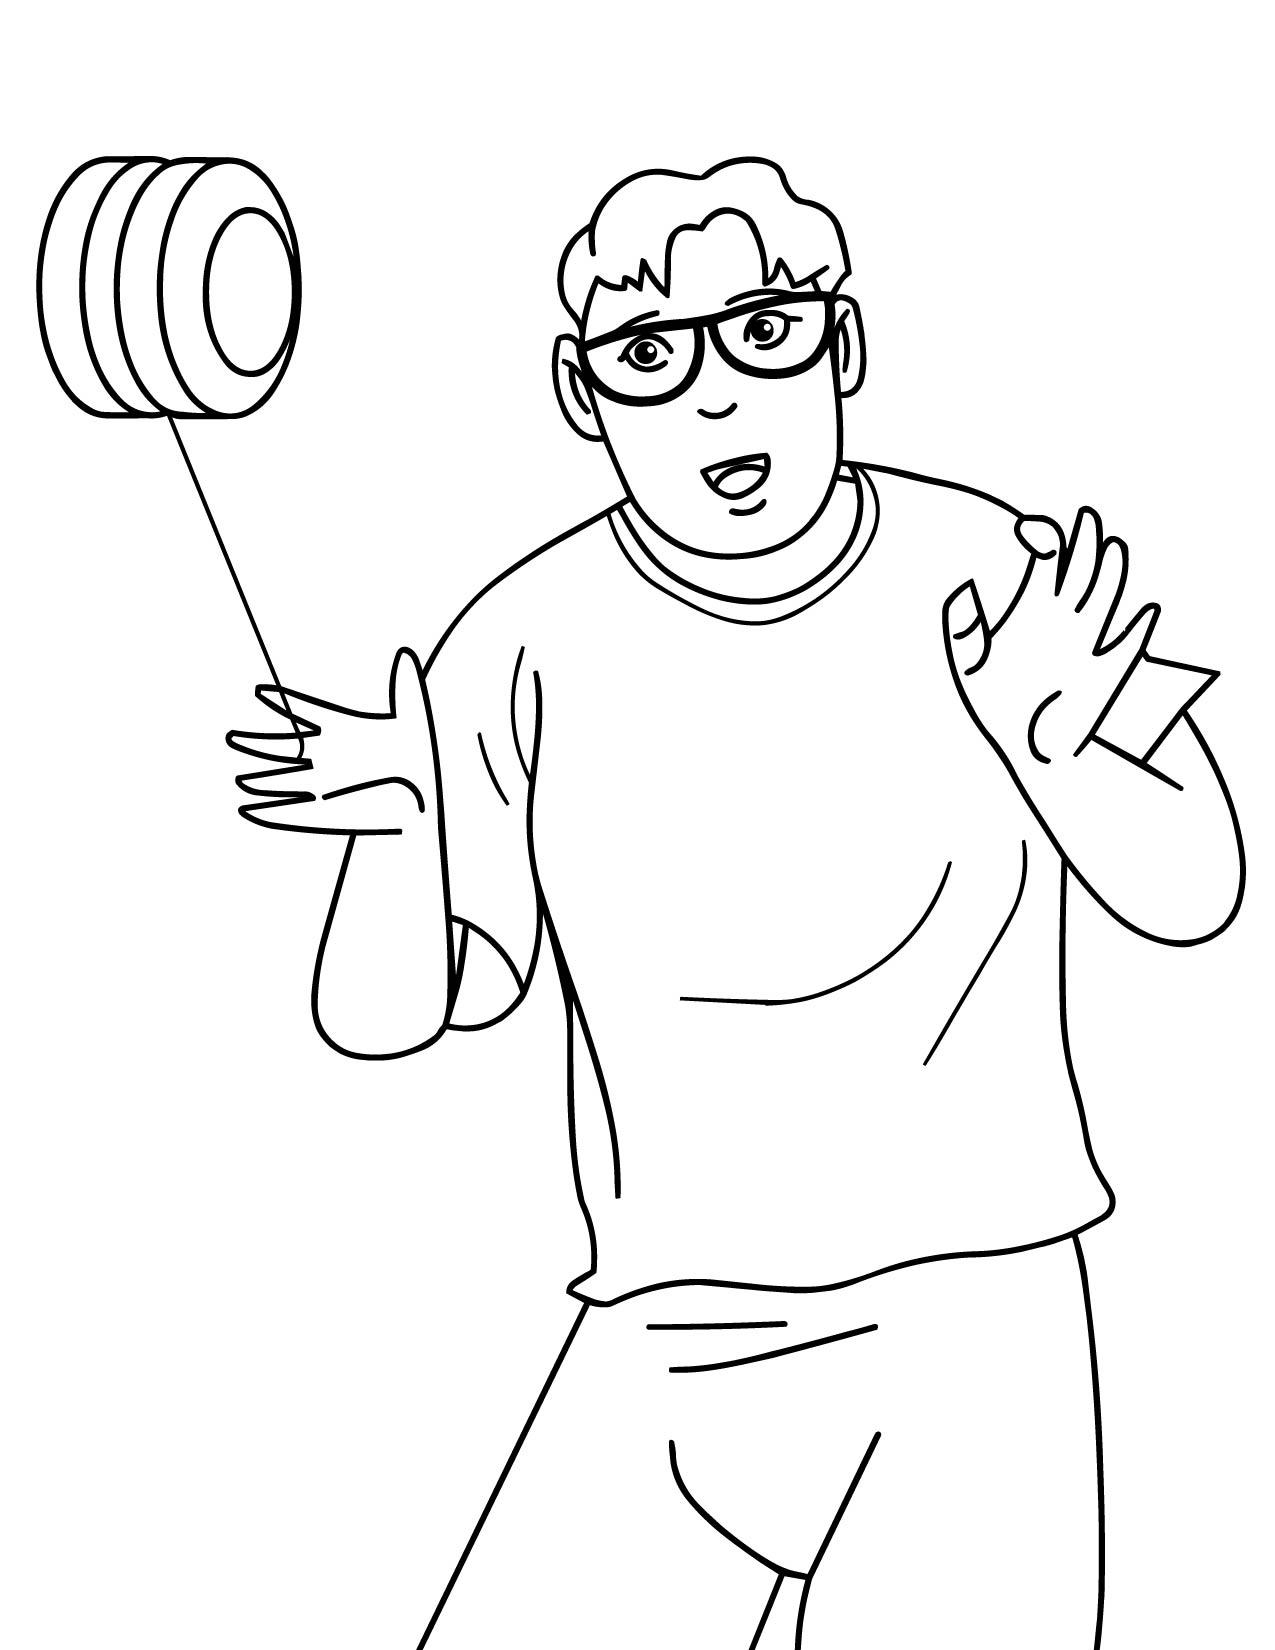 yo yo - Coloring Page Yoyo